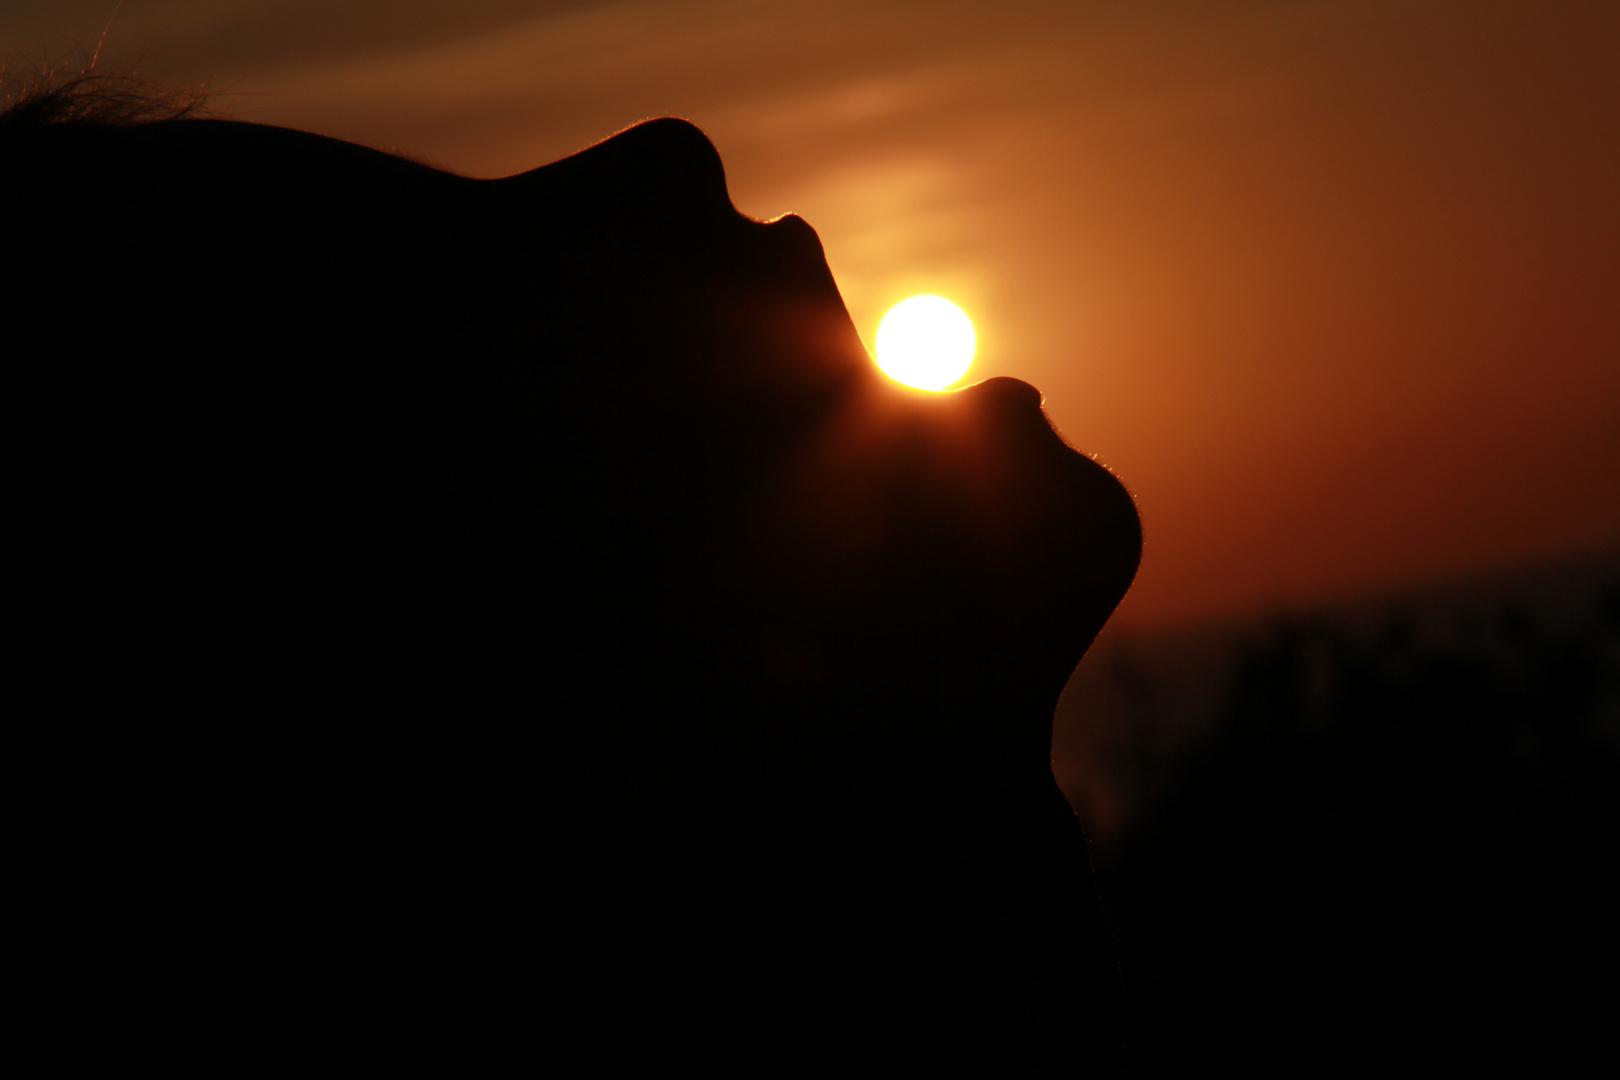 Die Sonne im Mund